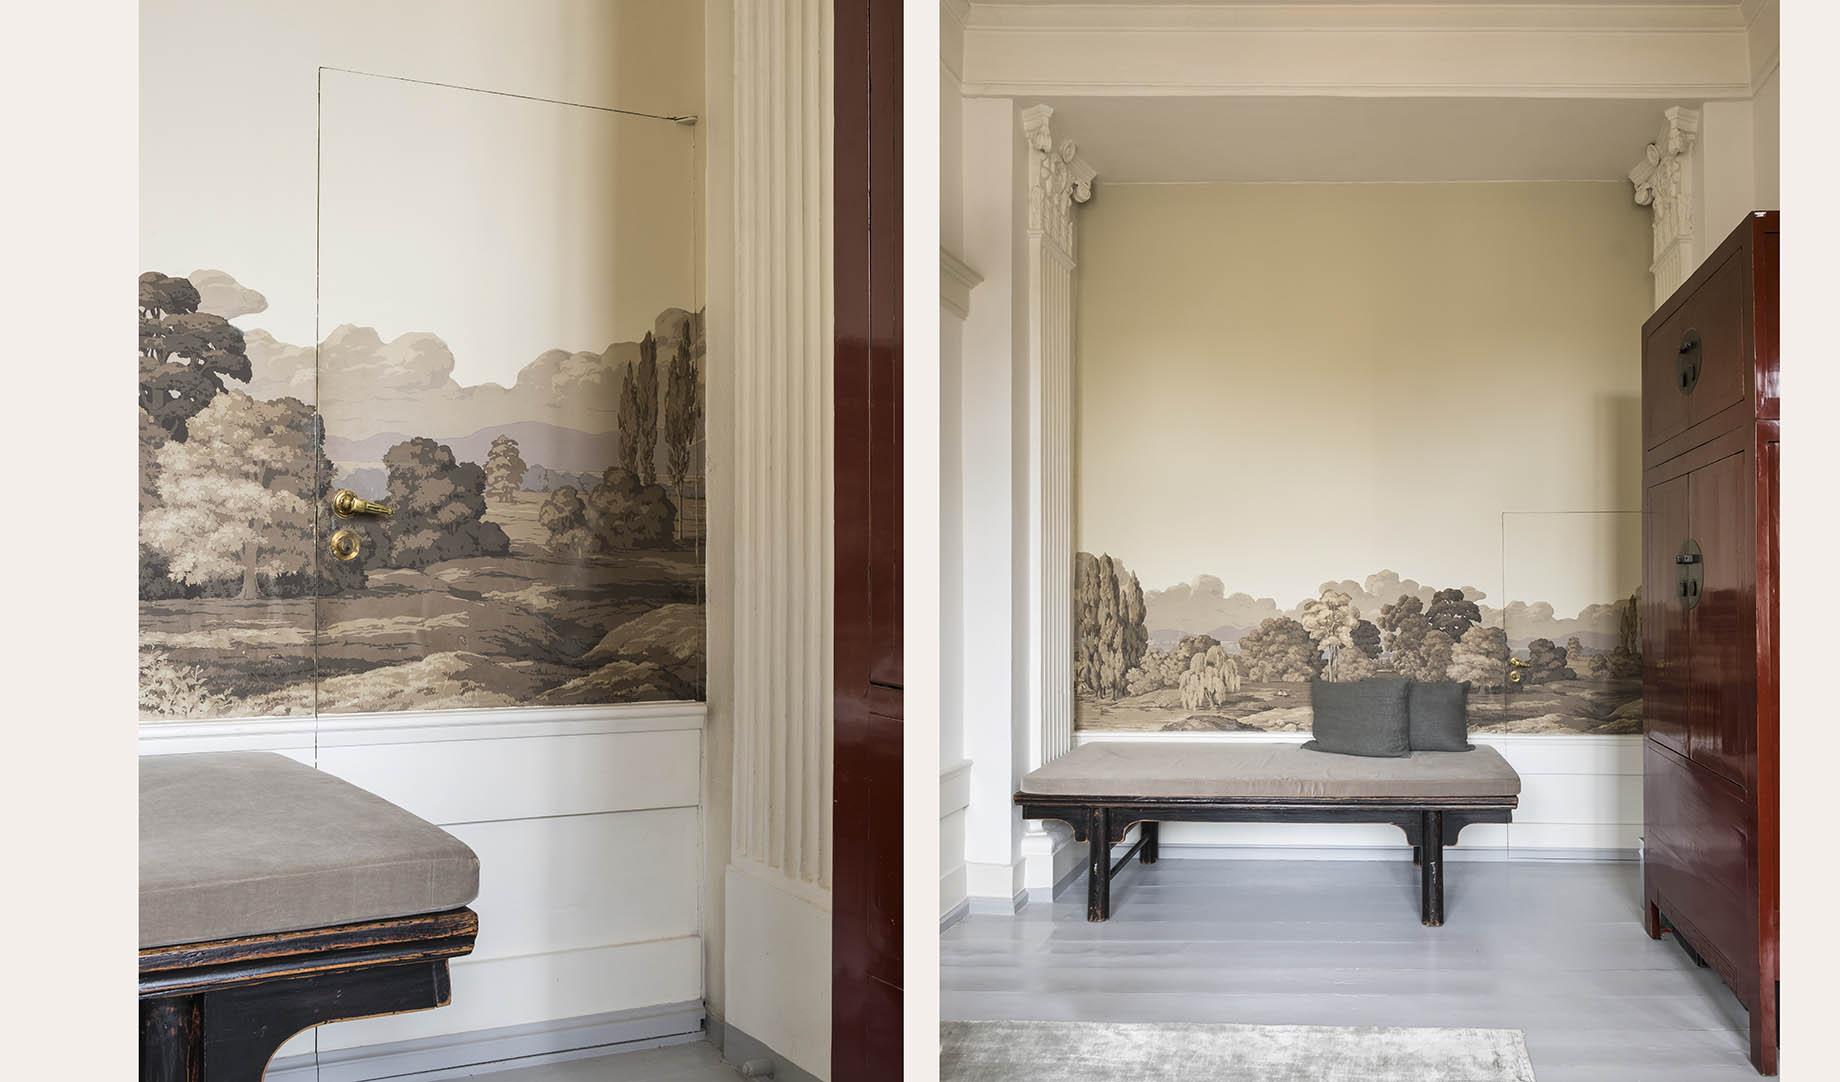 фреска банкетка колонны капитель стена дверь